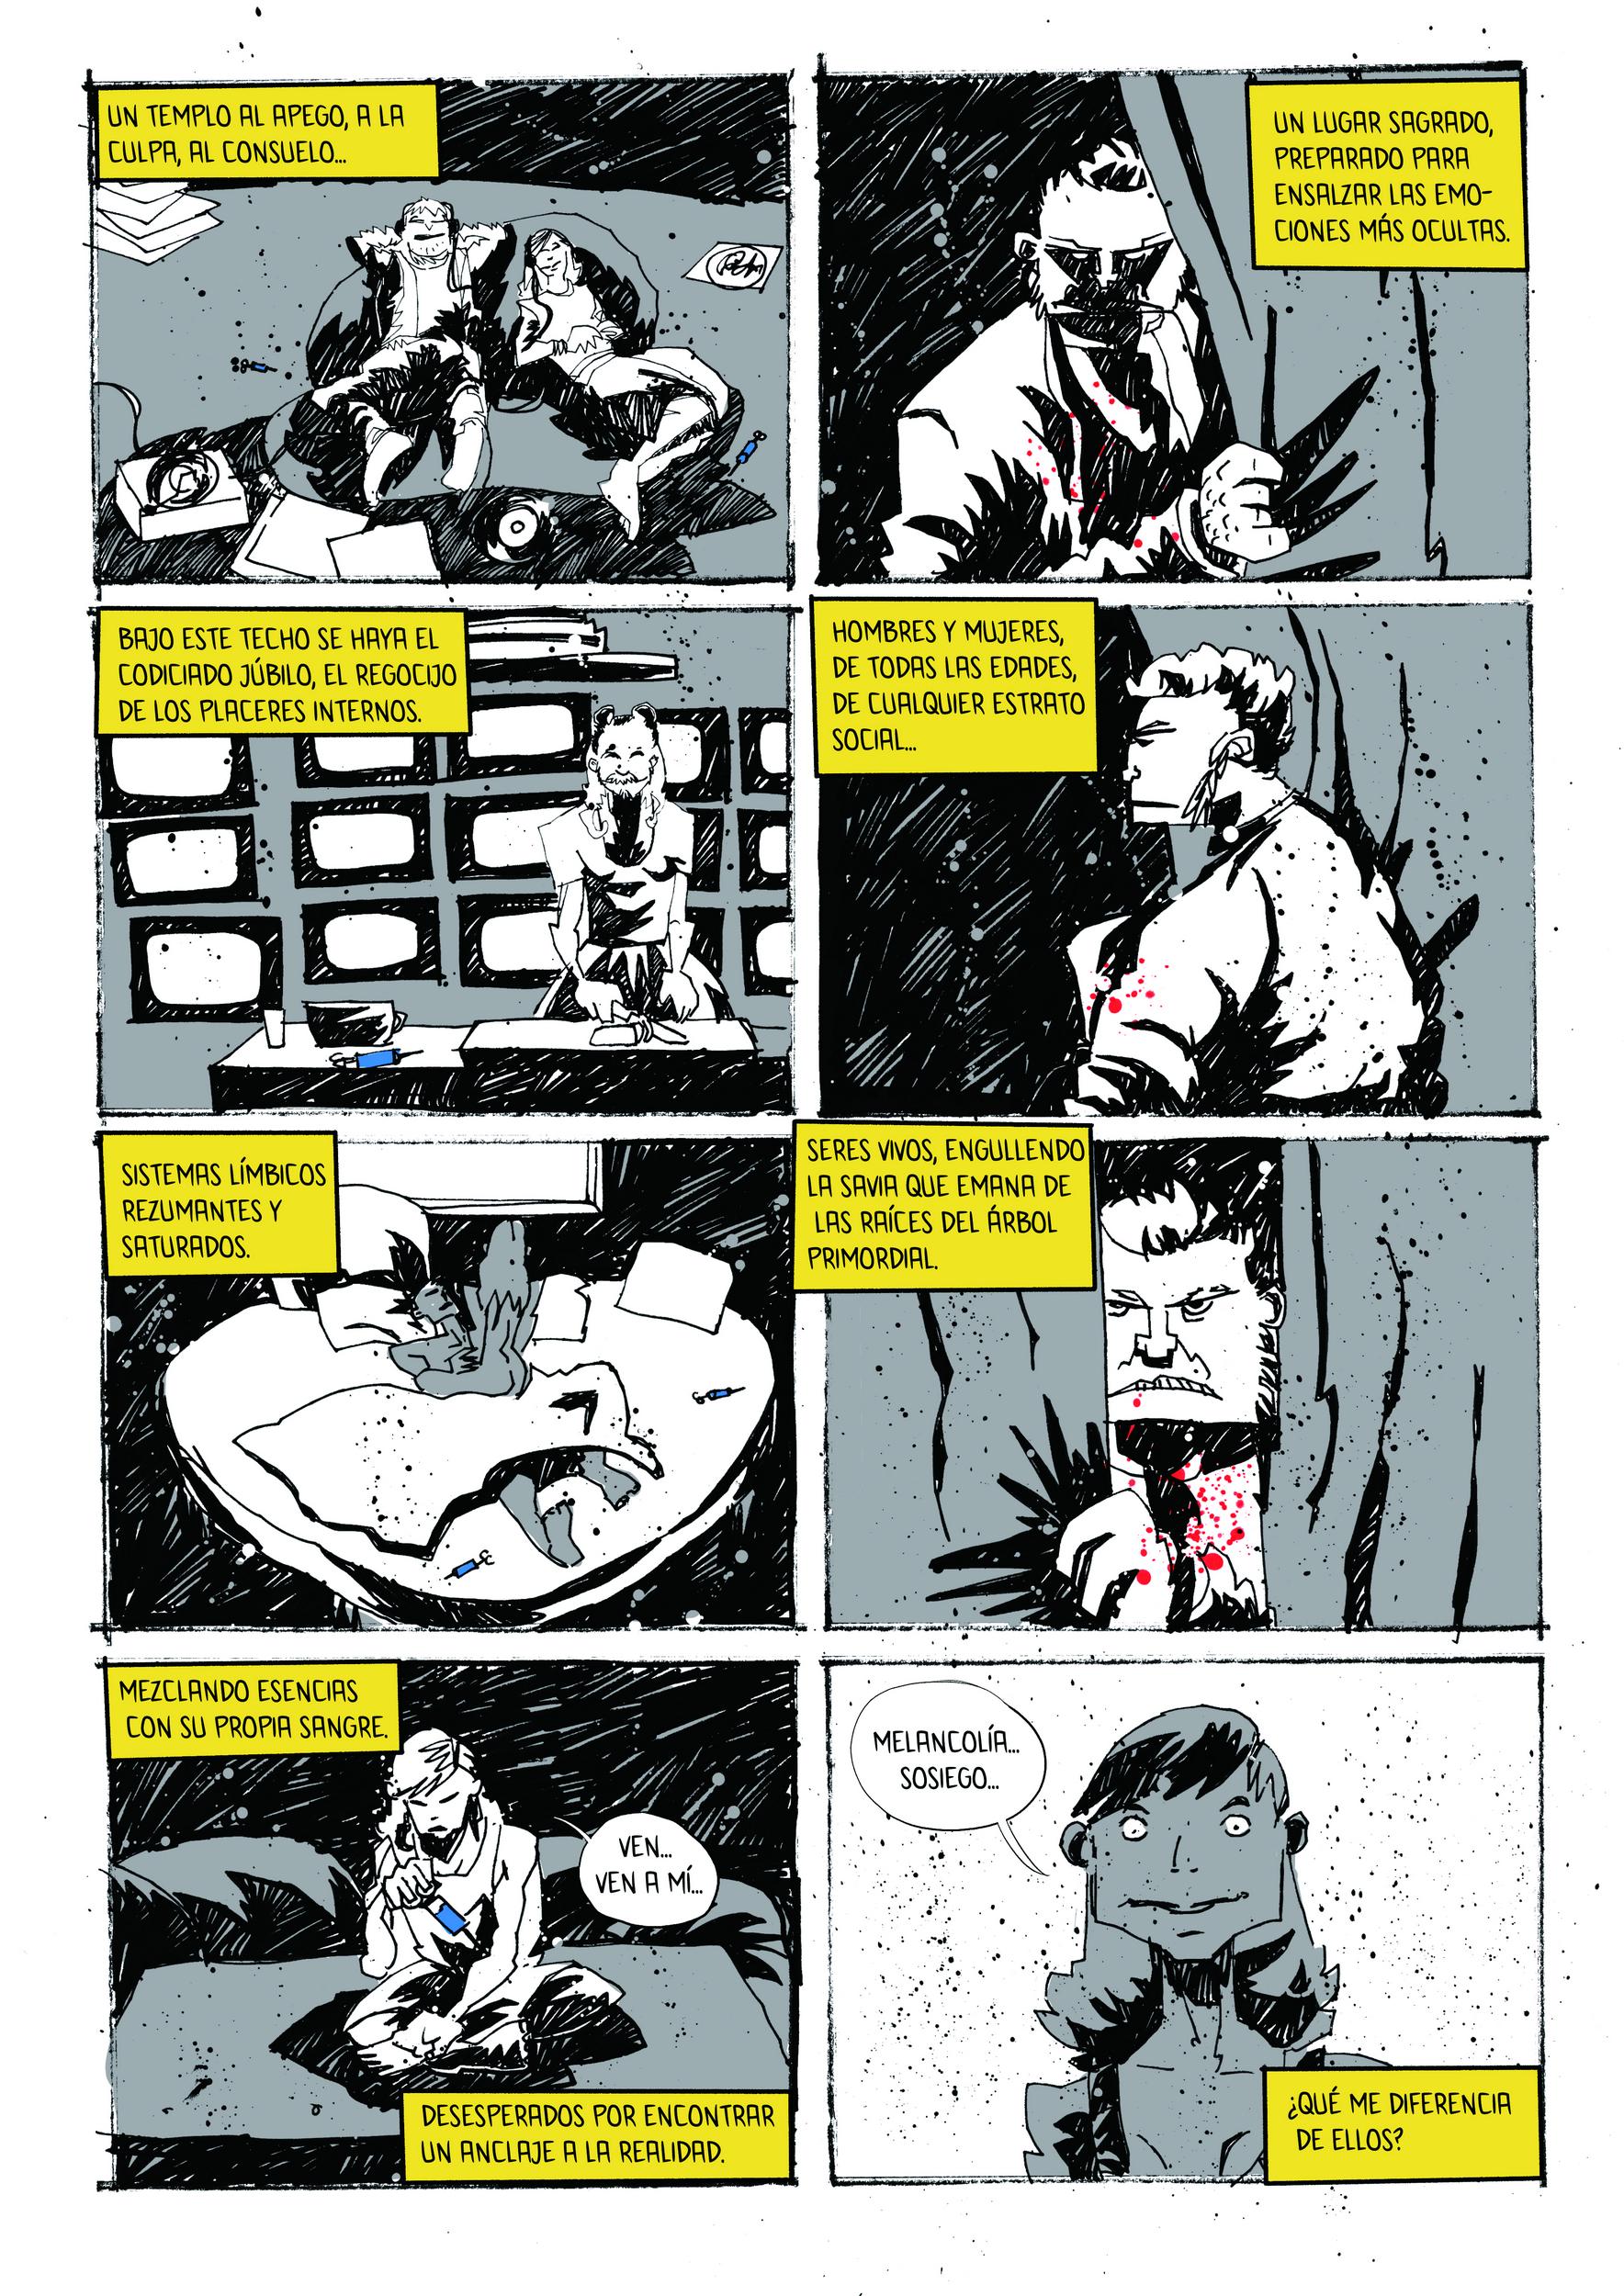 05_Hugo Martín Crespo y Alejandro Cruz Santana_Grind_pagina00010_2500_0023